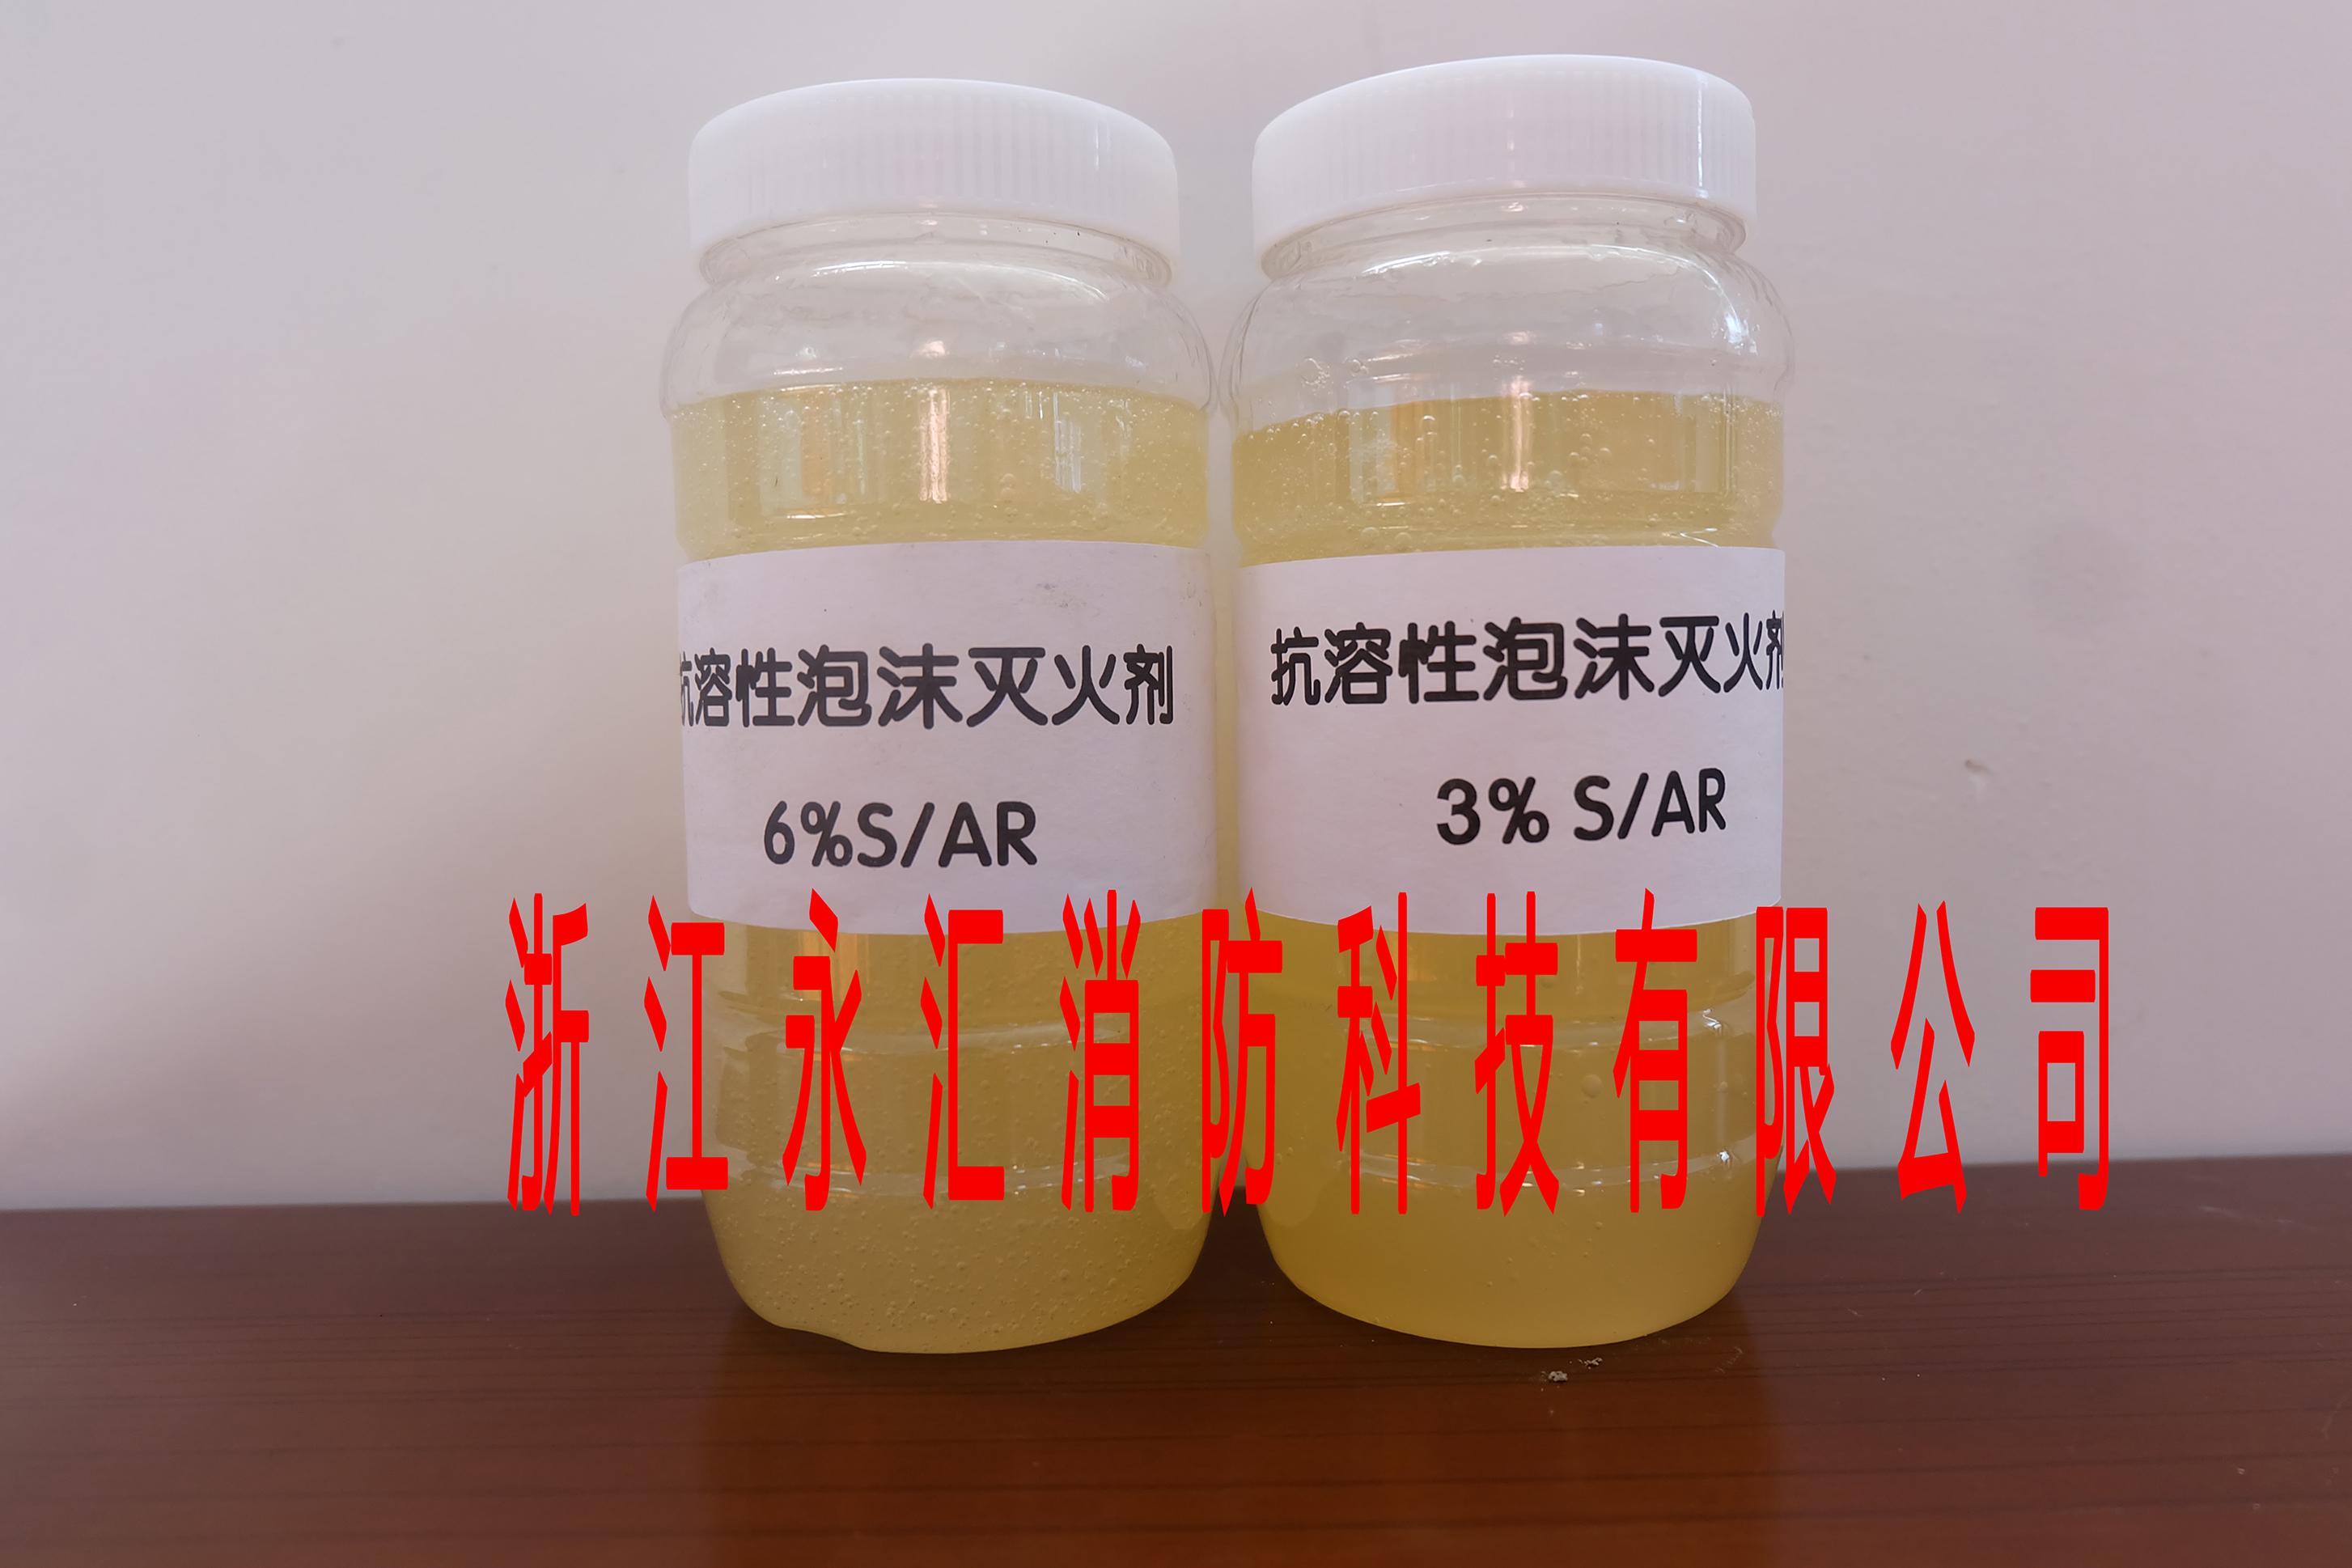 抗溶性泡沫灭火剂 6%S/AR